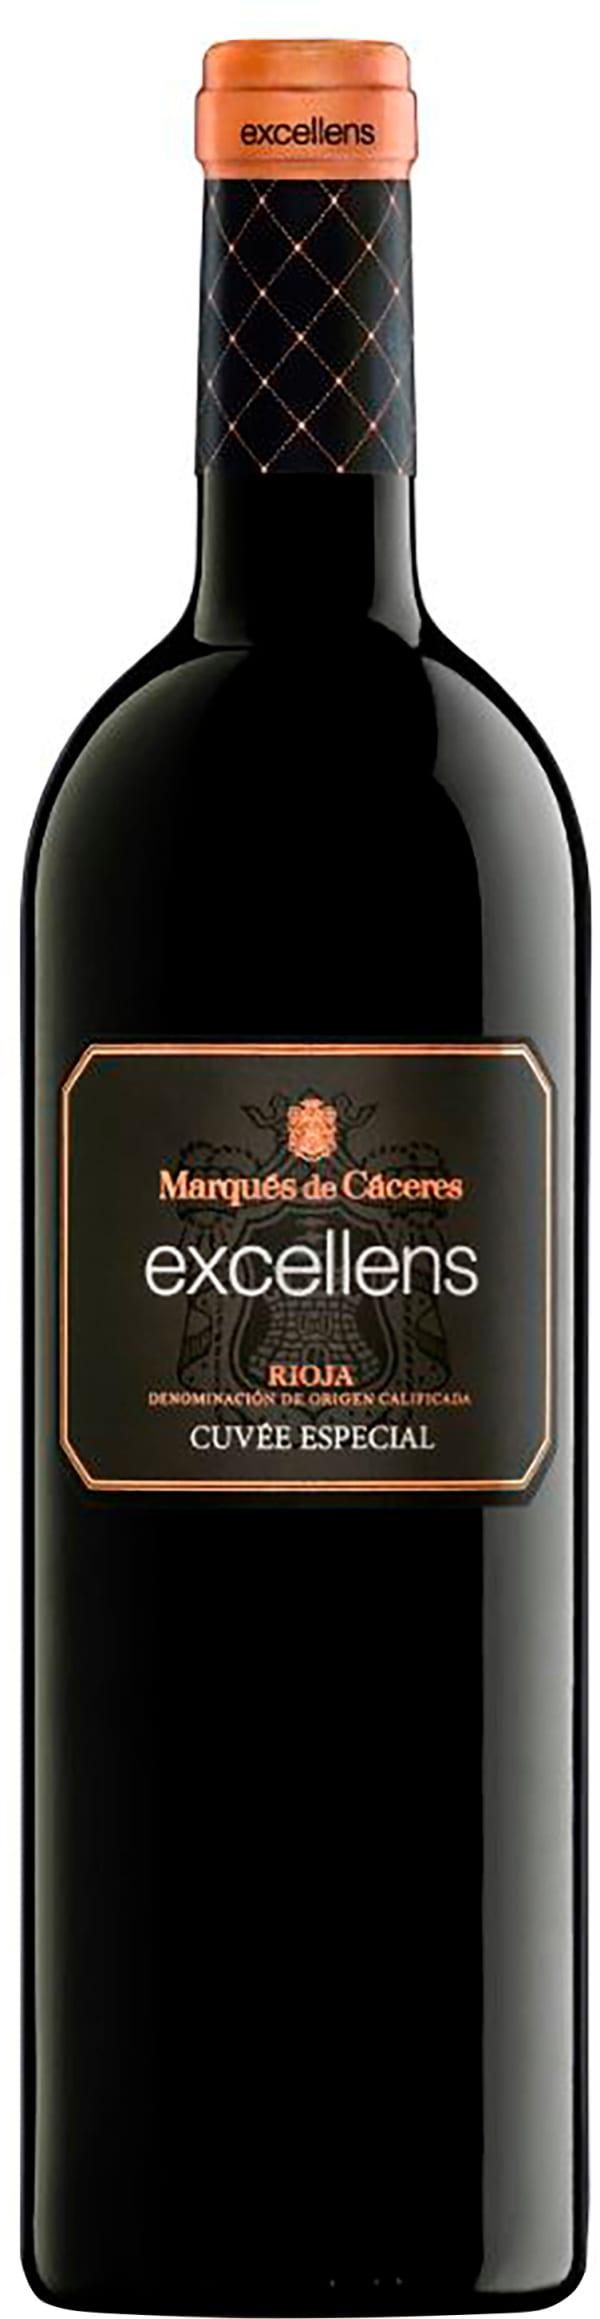 Marqués de Cáceres Excellens Cuvée 2014